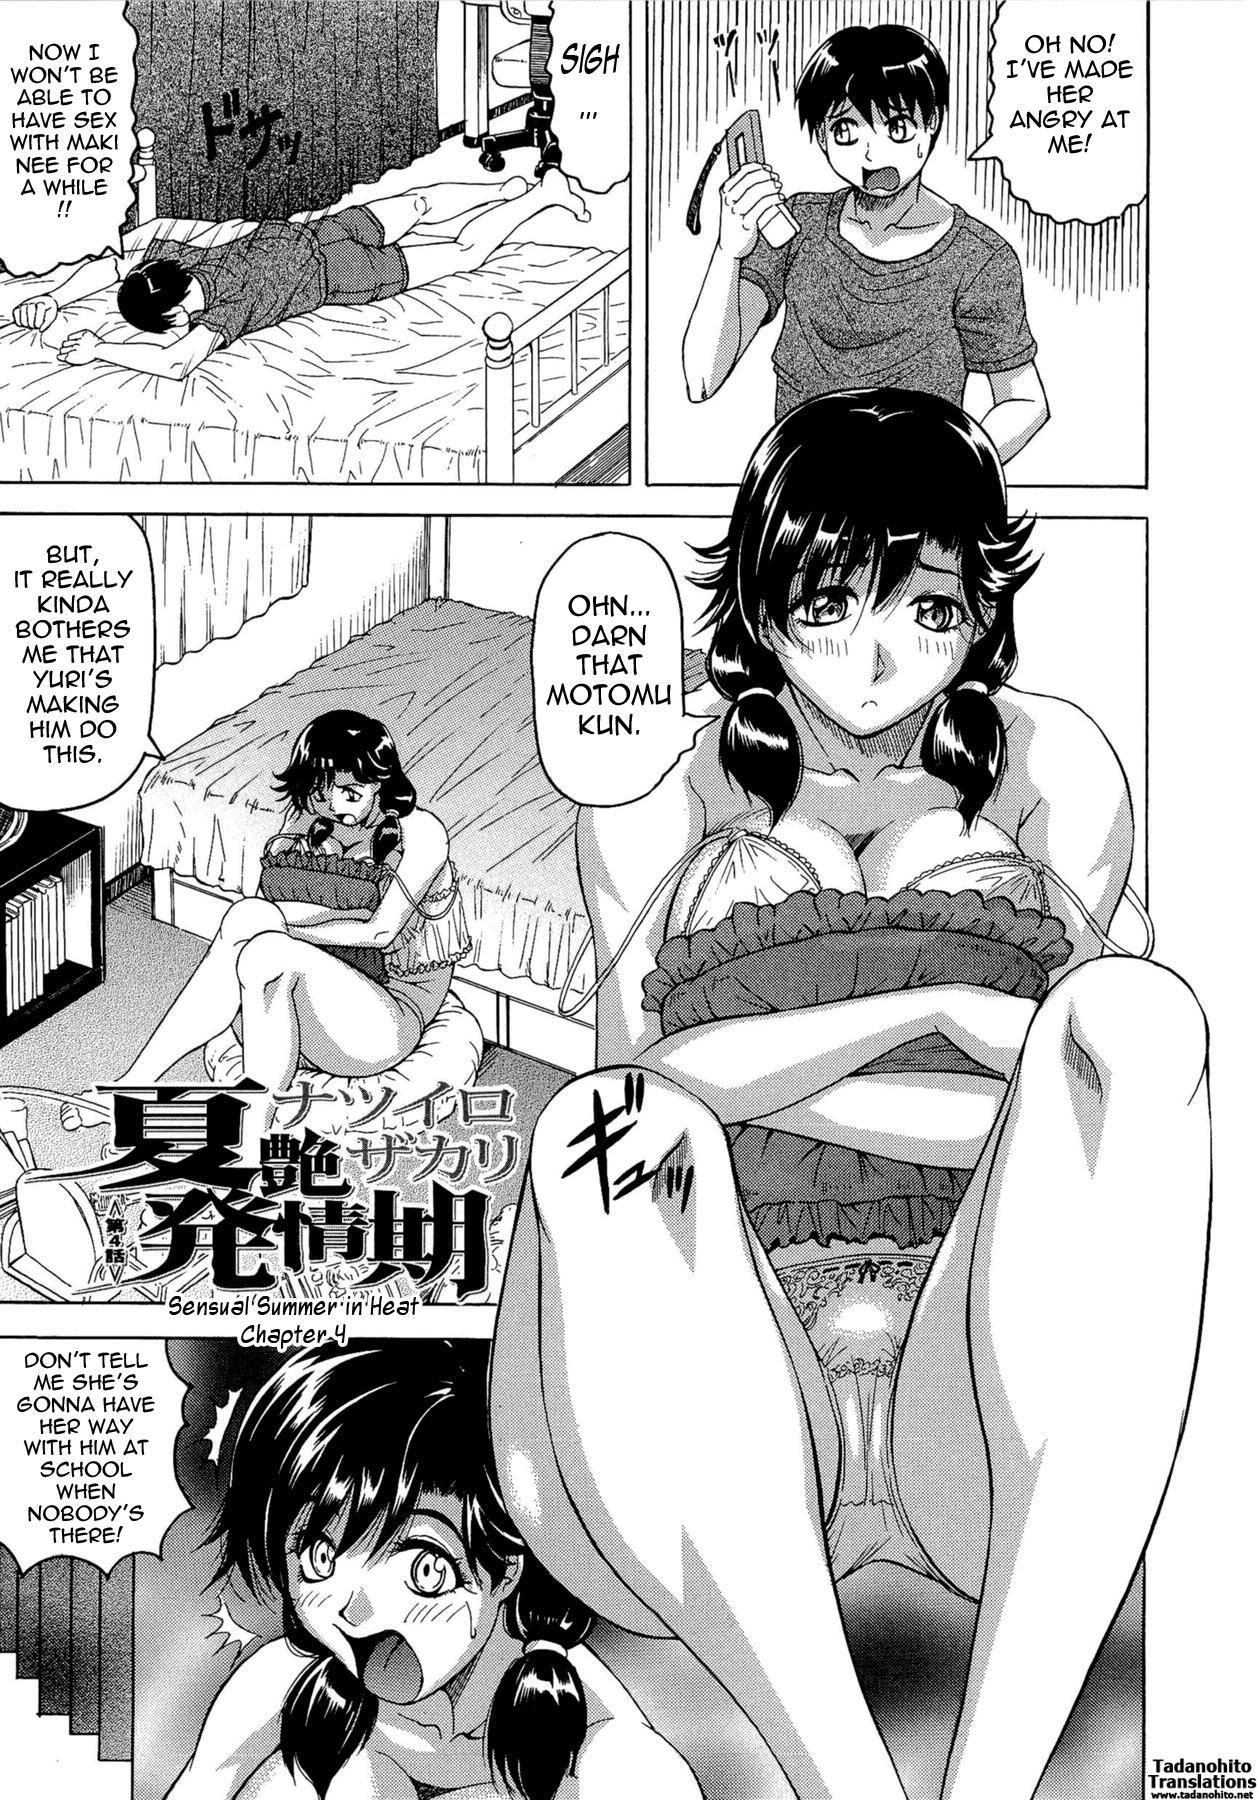 [Jamming] Koibito ha Tonari no Oneesan (Hatsujyouki) | My Lover is the Girl Next Door [English] {Tadanohito} 106